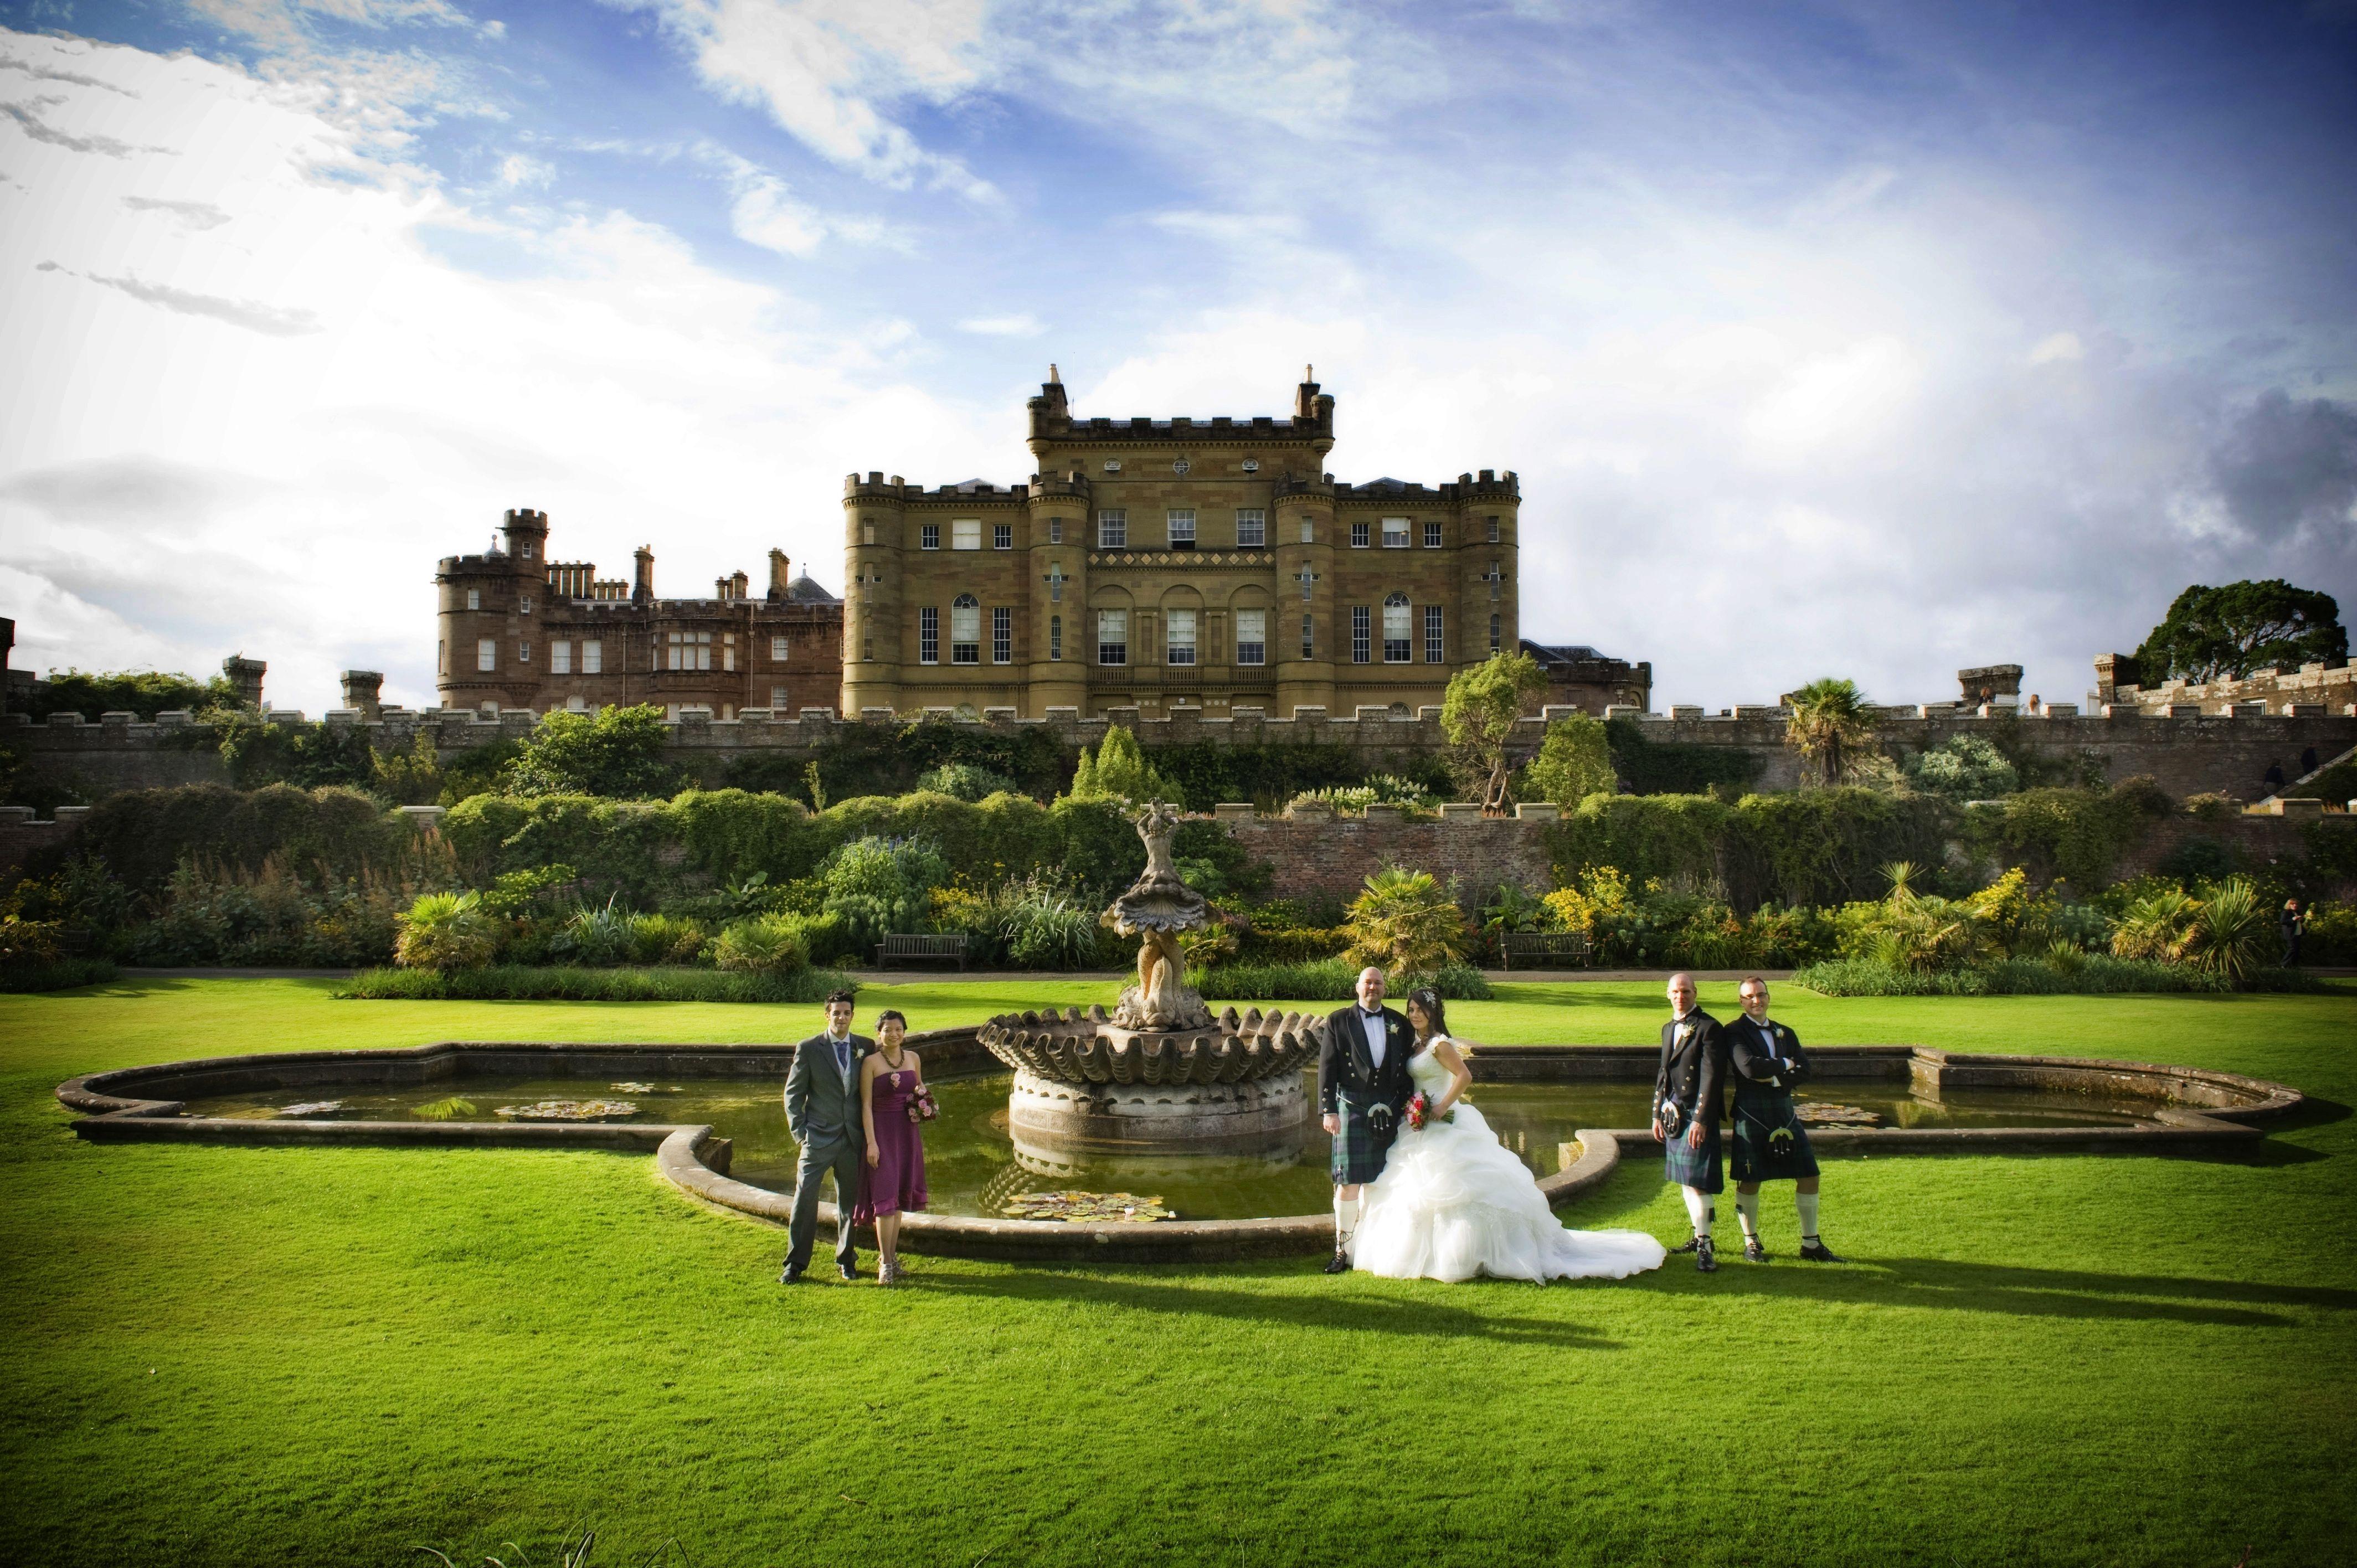 Culzean Castle Maybole Ayrshire Scotland Luxury Hotels And Resorts